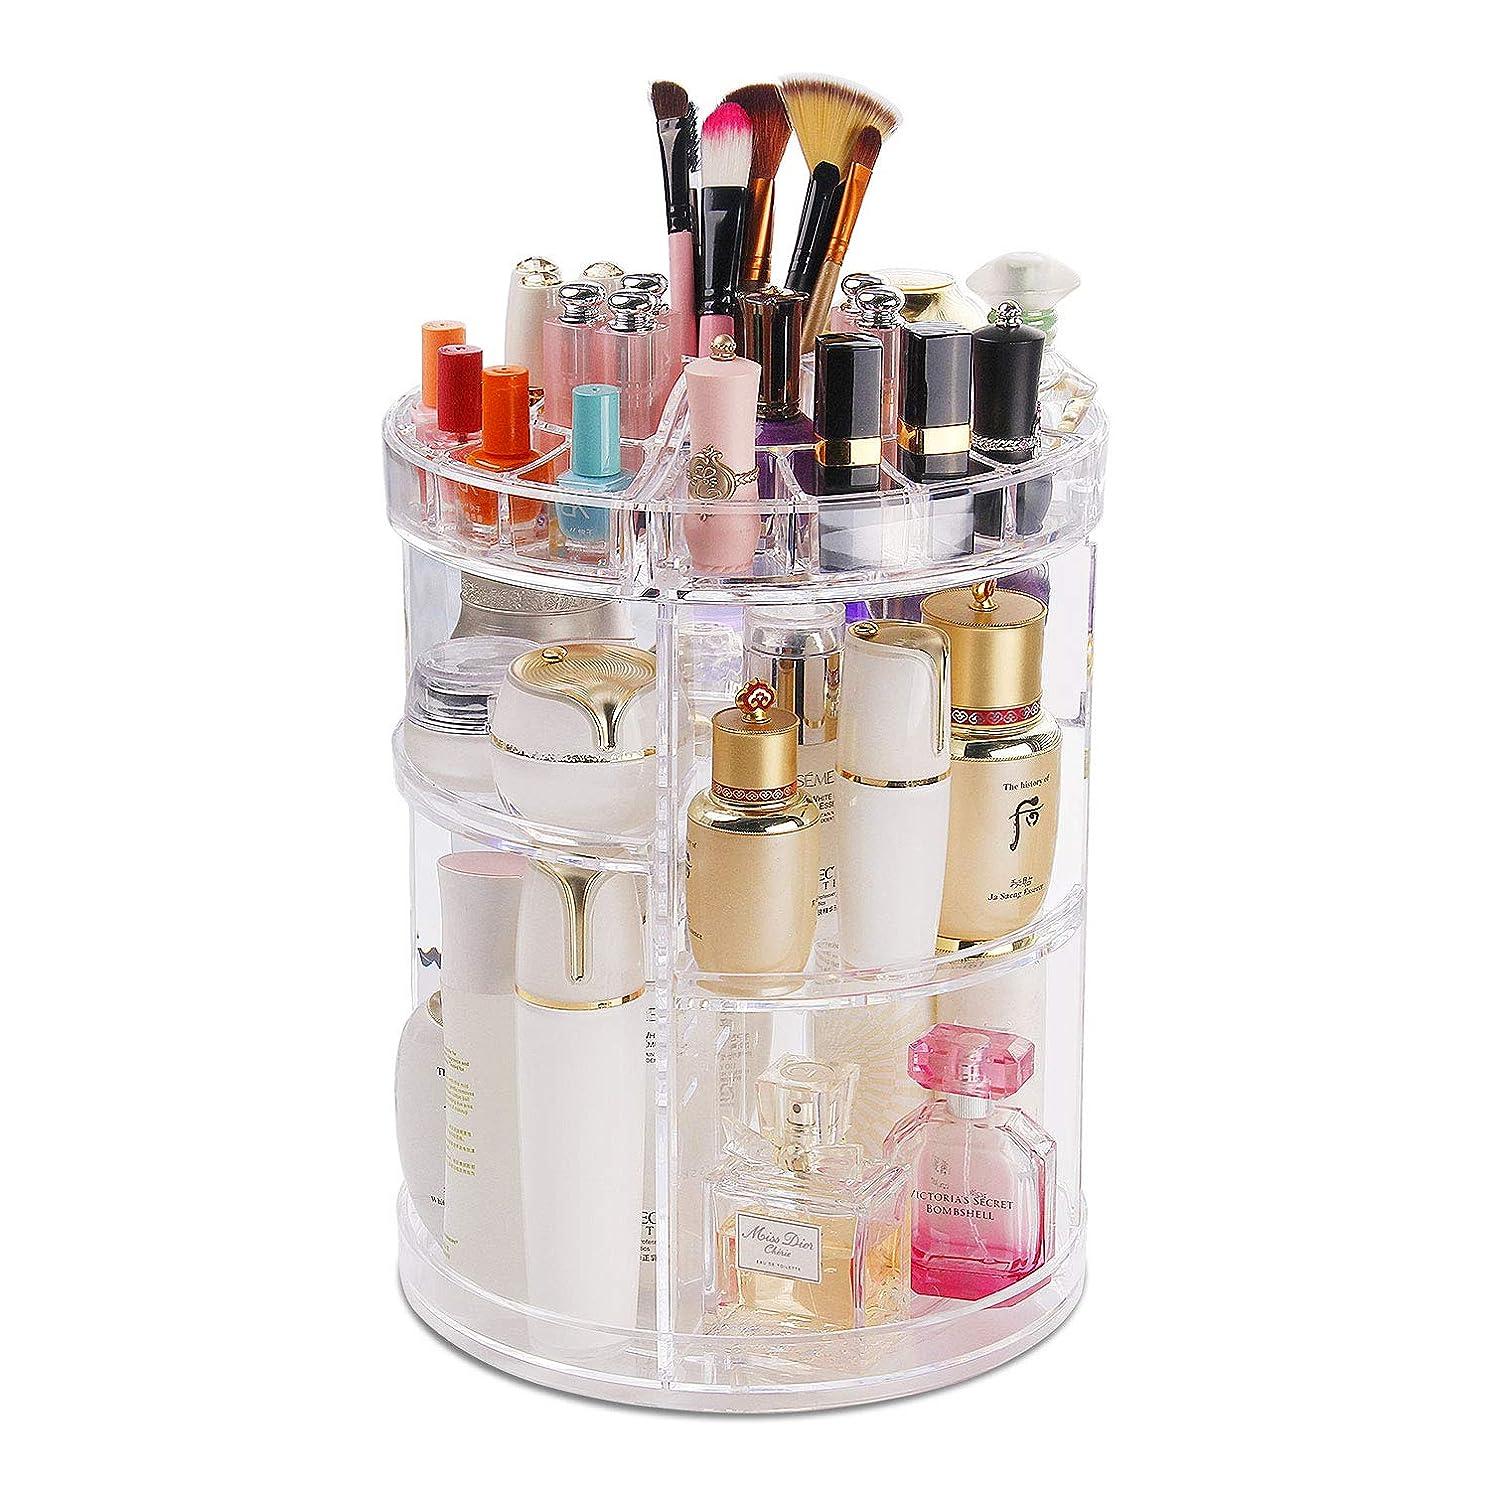 ワイン呼びかける土化粧品収納ボックス コスメボックス 360度回転化粧品収納ラック 大容量透明化粧品ケース メイクボックス 女の子のギフト